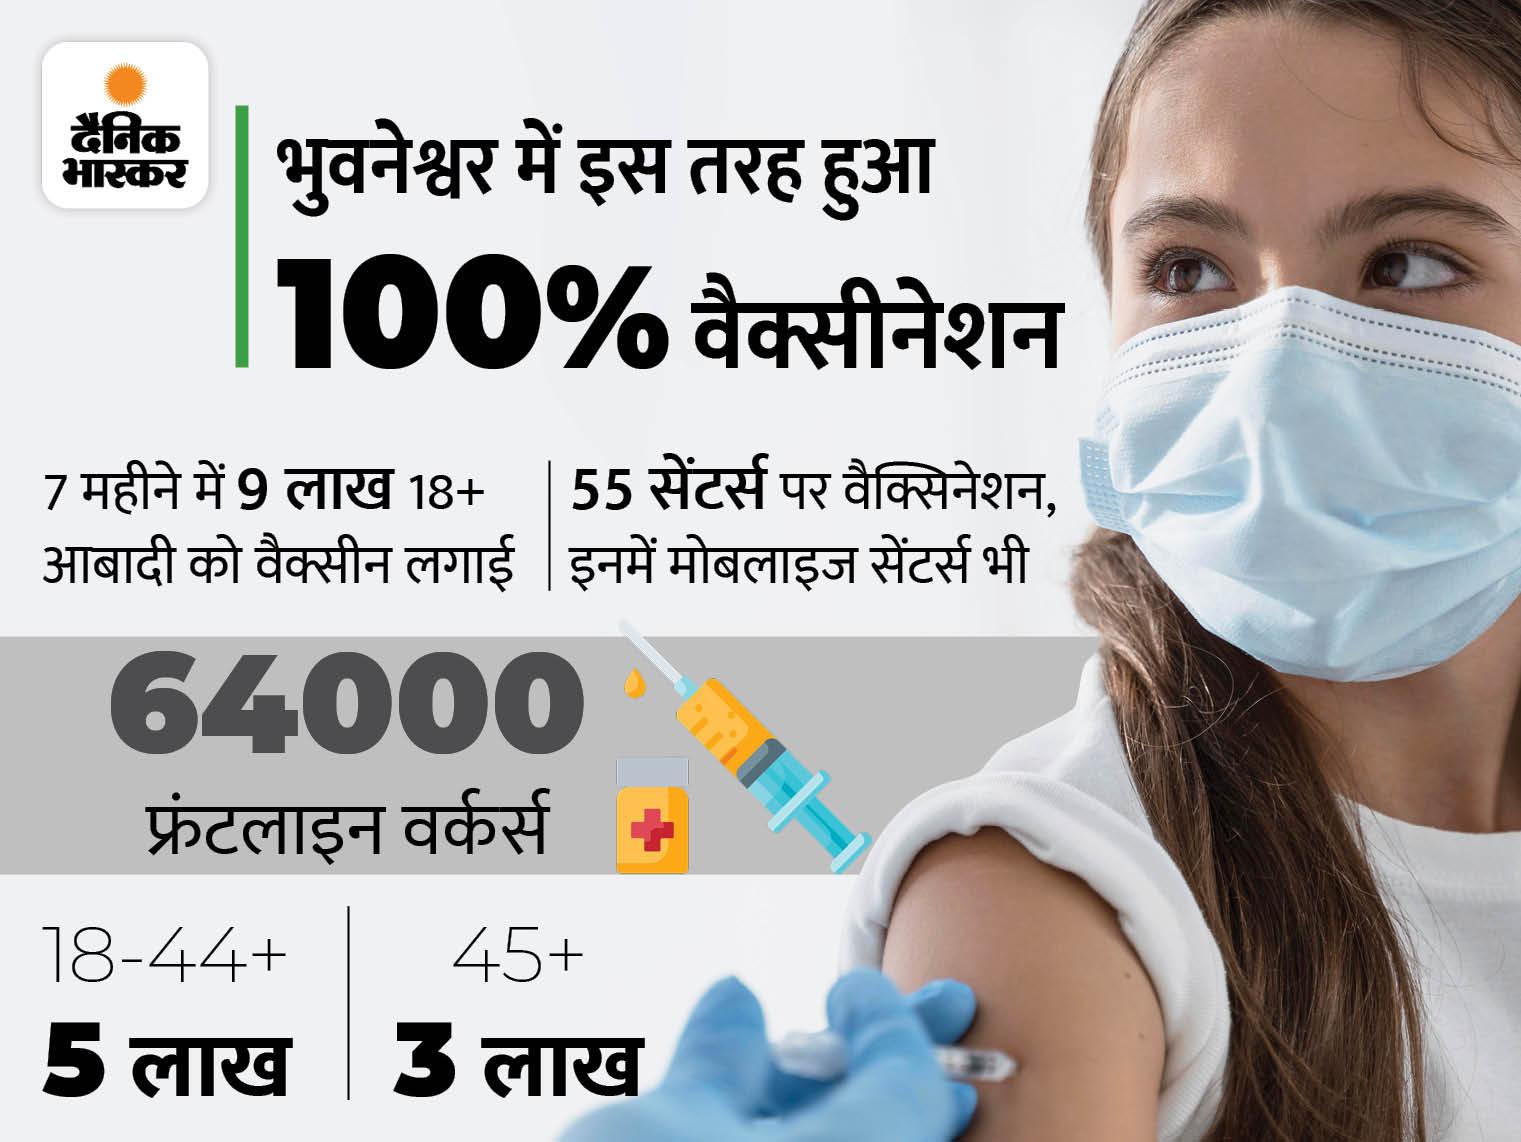 100% टीकाकरण करने वाला देश का पहला शहर बना भुवनेश्वर, 7 महीने में 18 लाख से ज्यादा वैक्सीन डोज लगाए देश,National - Dainik Bhaskar